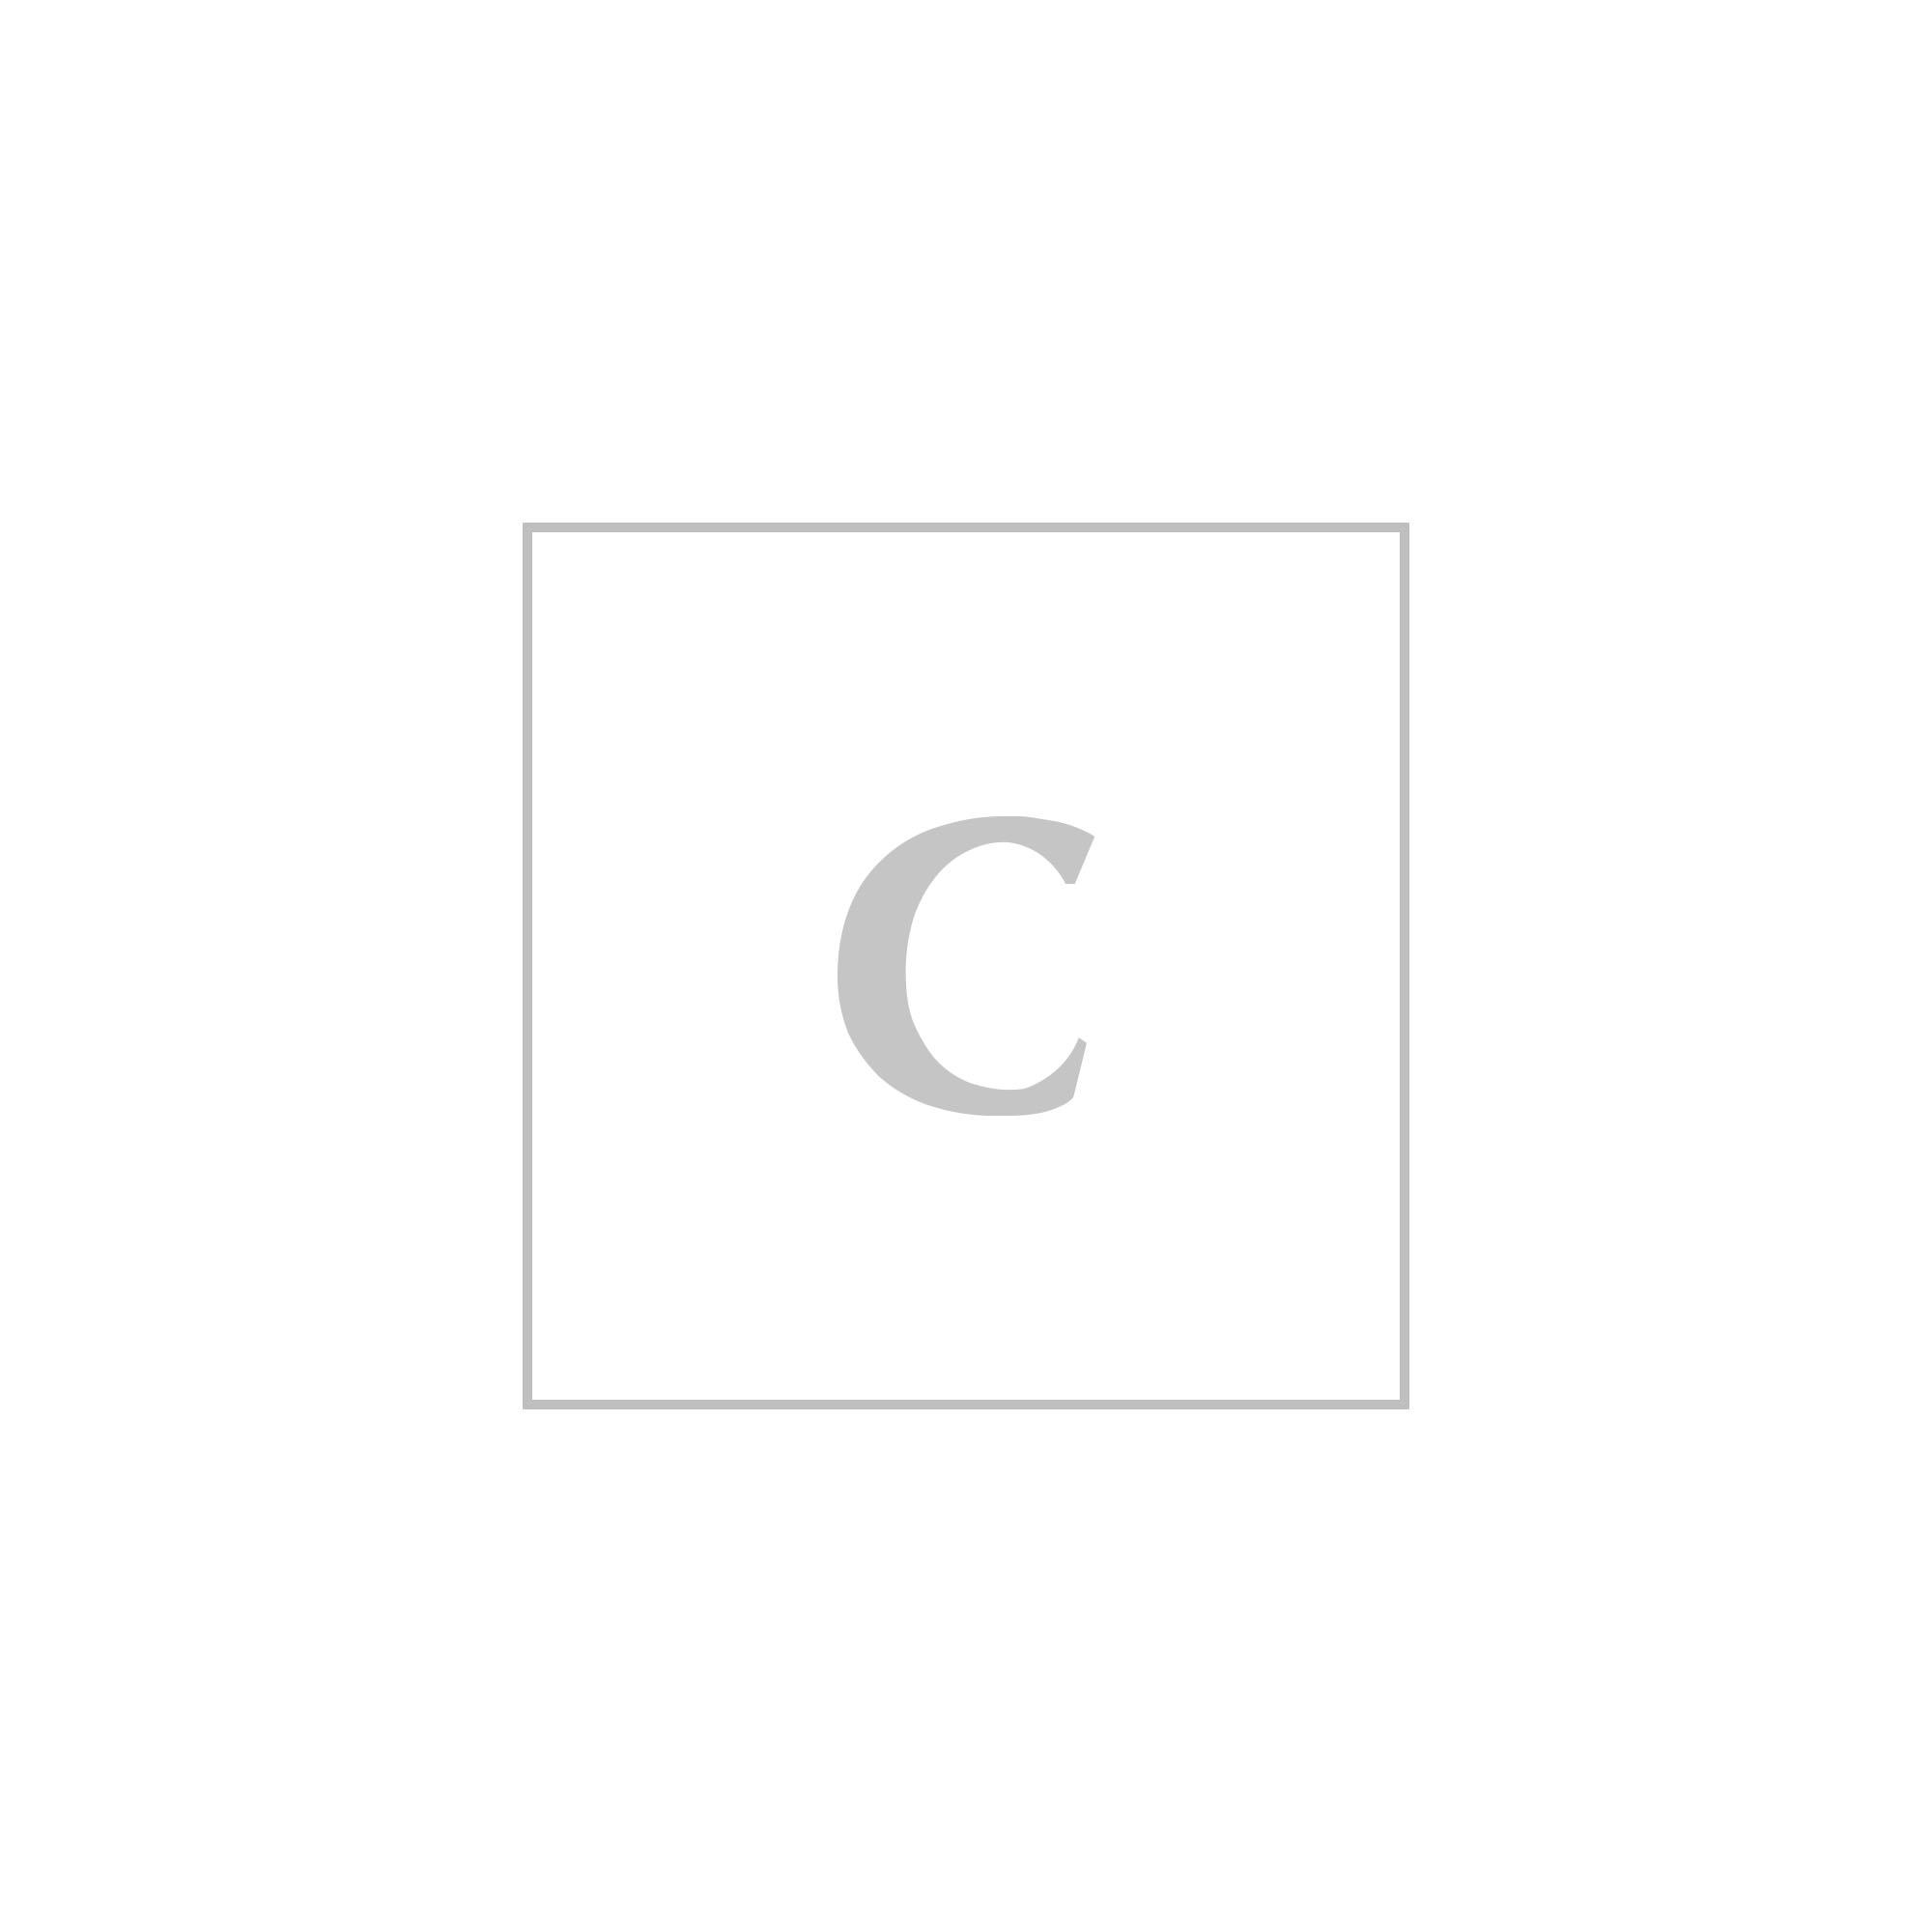 Saint laurent medium monogram loulou bag